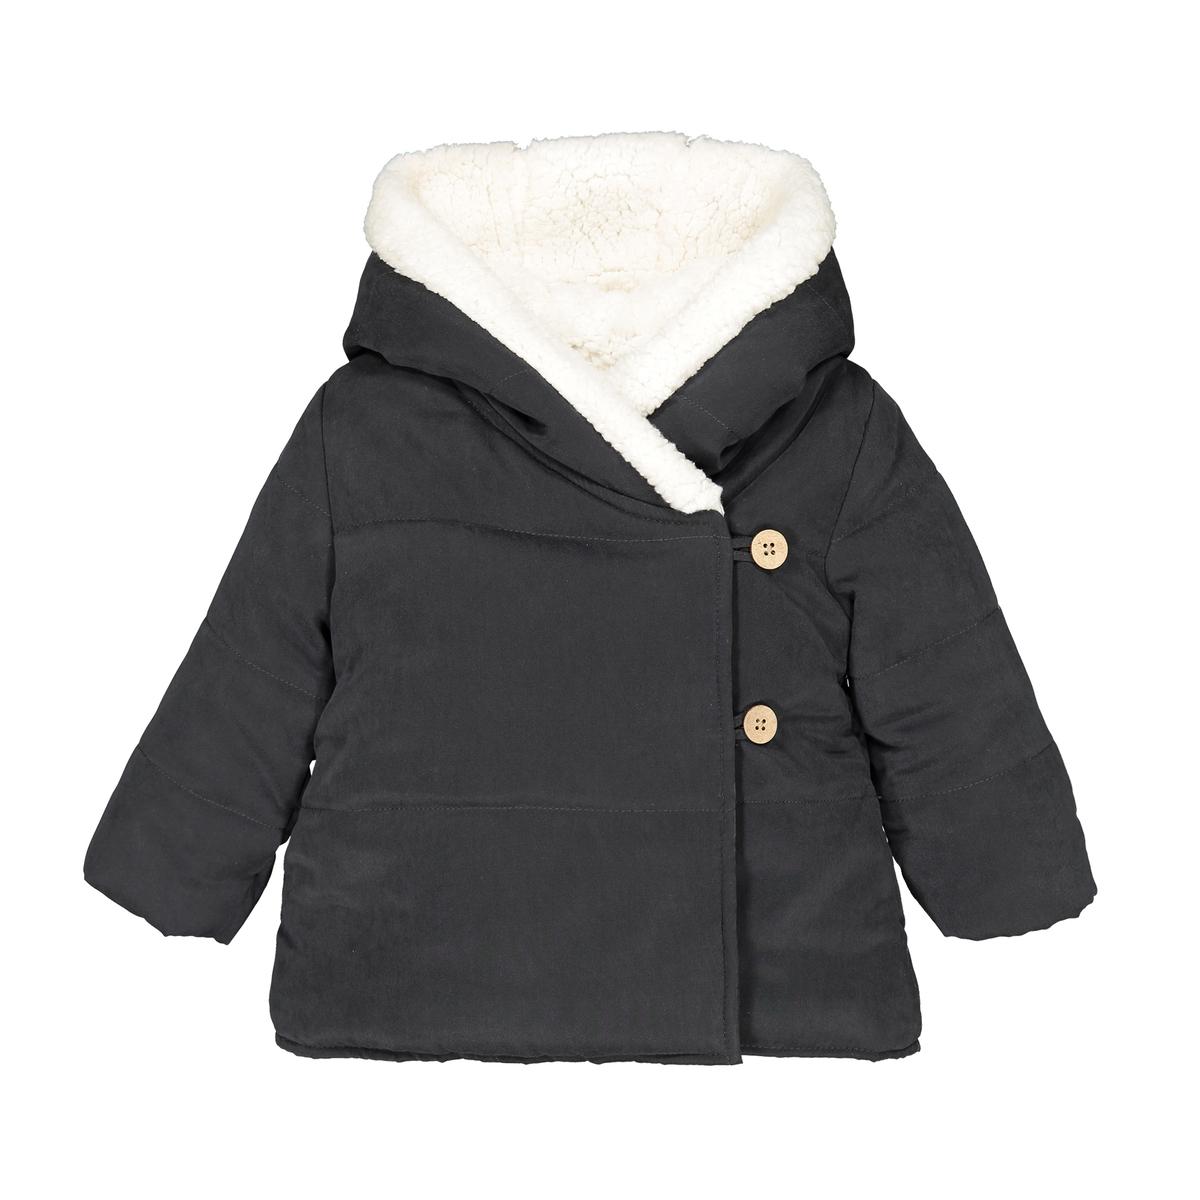 Утепленная La Redoute Куртка с капюшоном мес- года 18 мес. - 81 см серый шорты la redoute из велюра мес года 18 мес 81 см розовый